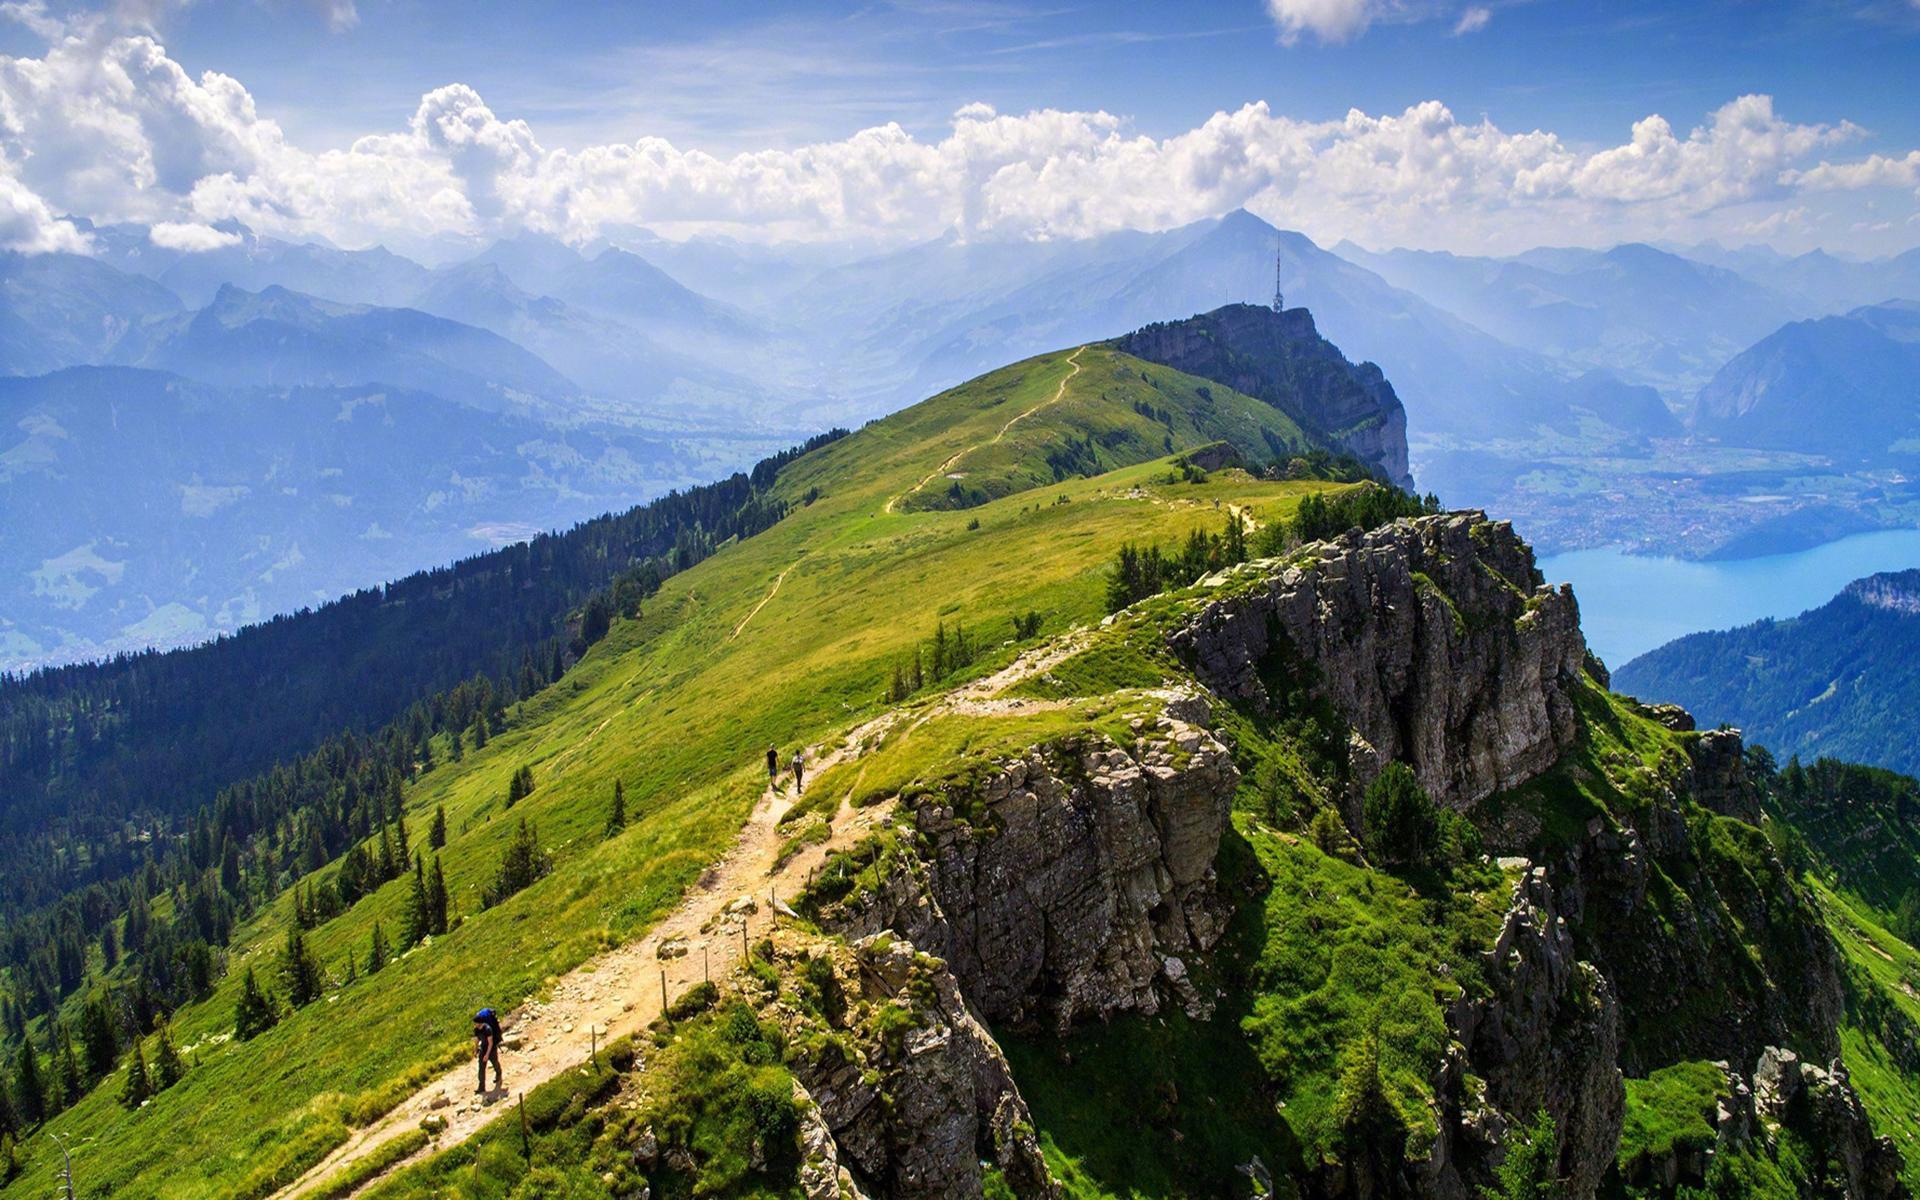 壮丽自然美景风景图片桌面壁纸